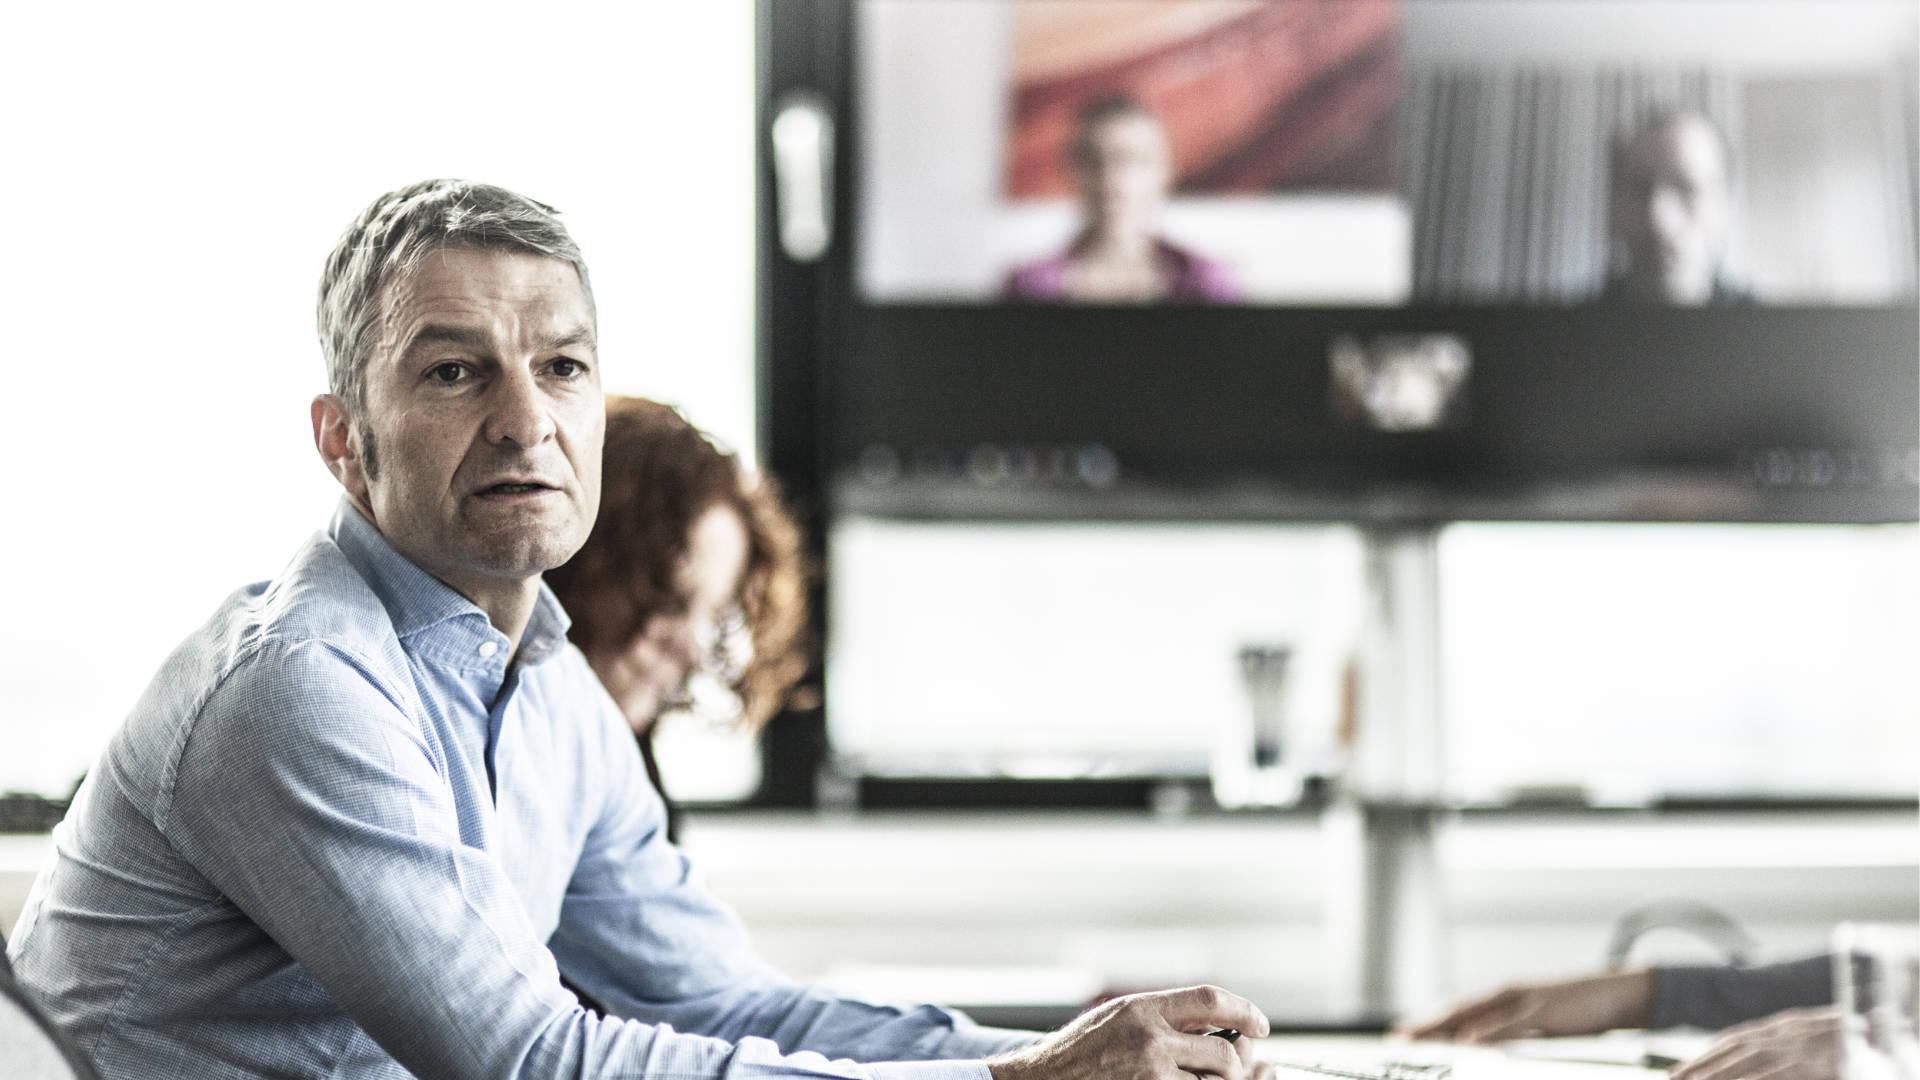 CEO DI Stefan Komornyik HAKOM Solutions GmbH Wien Austria.